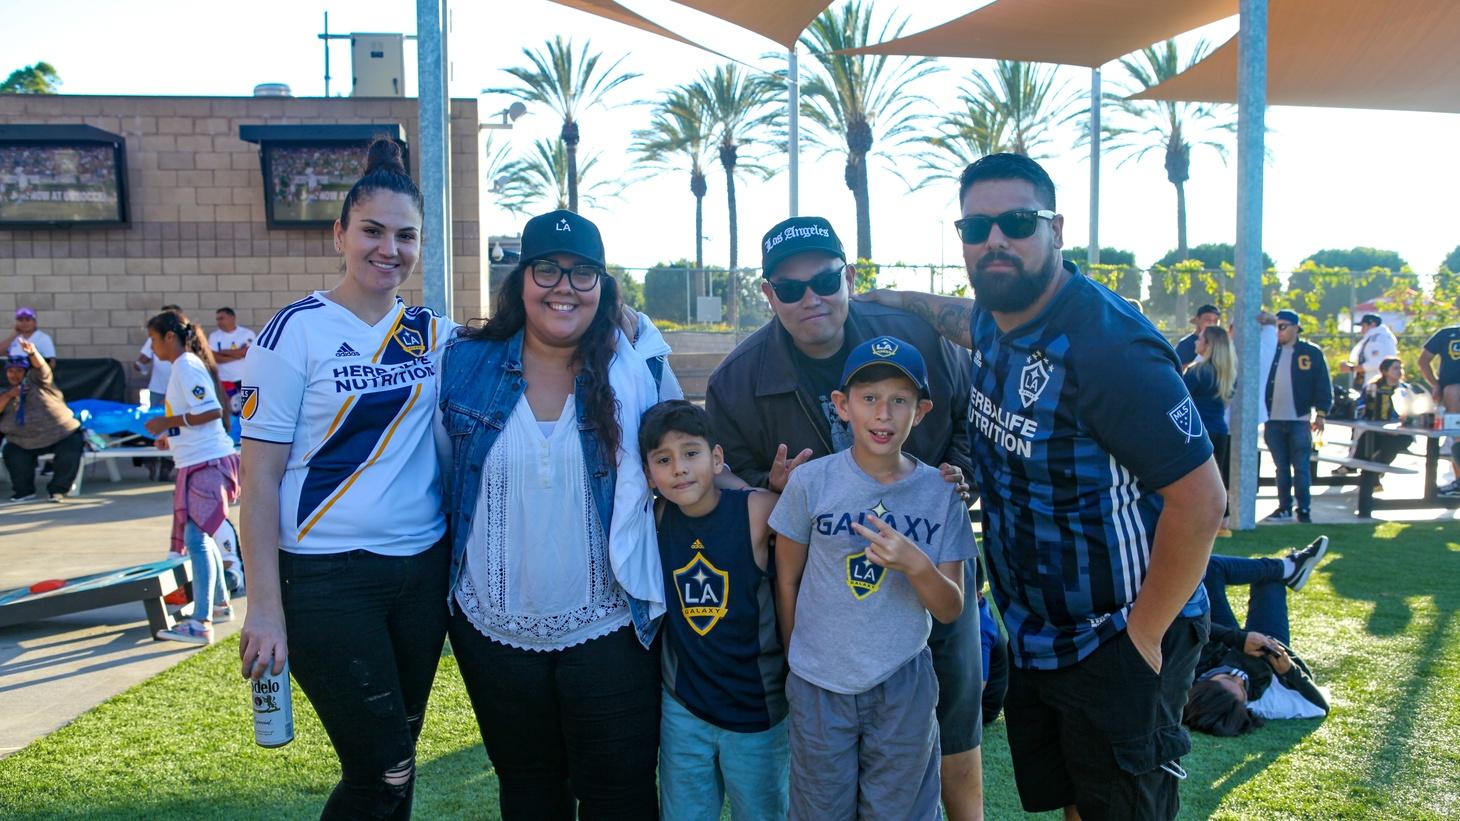 LA Galaxy fans.